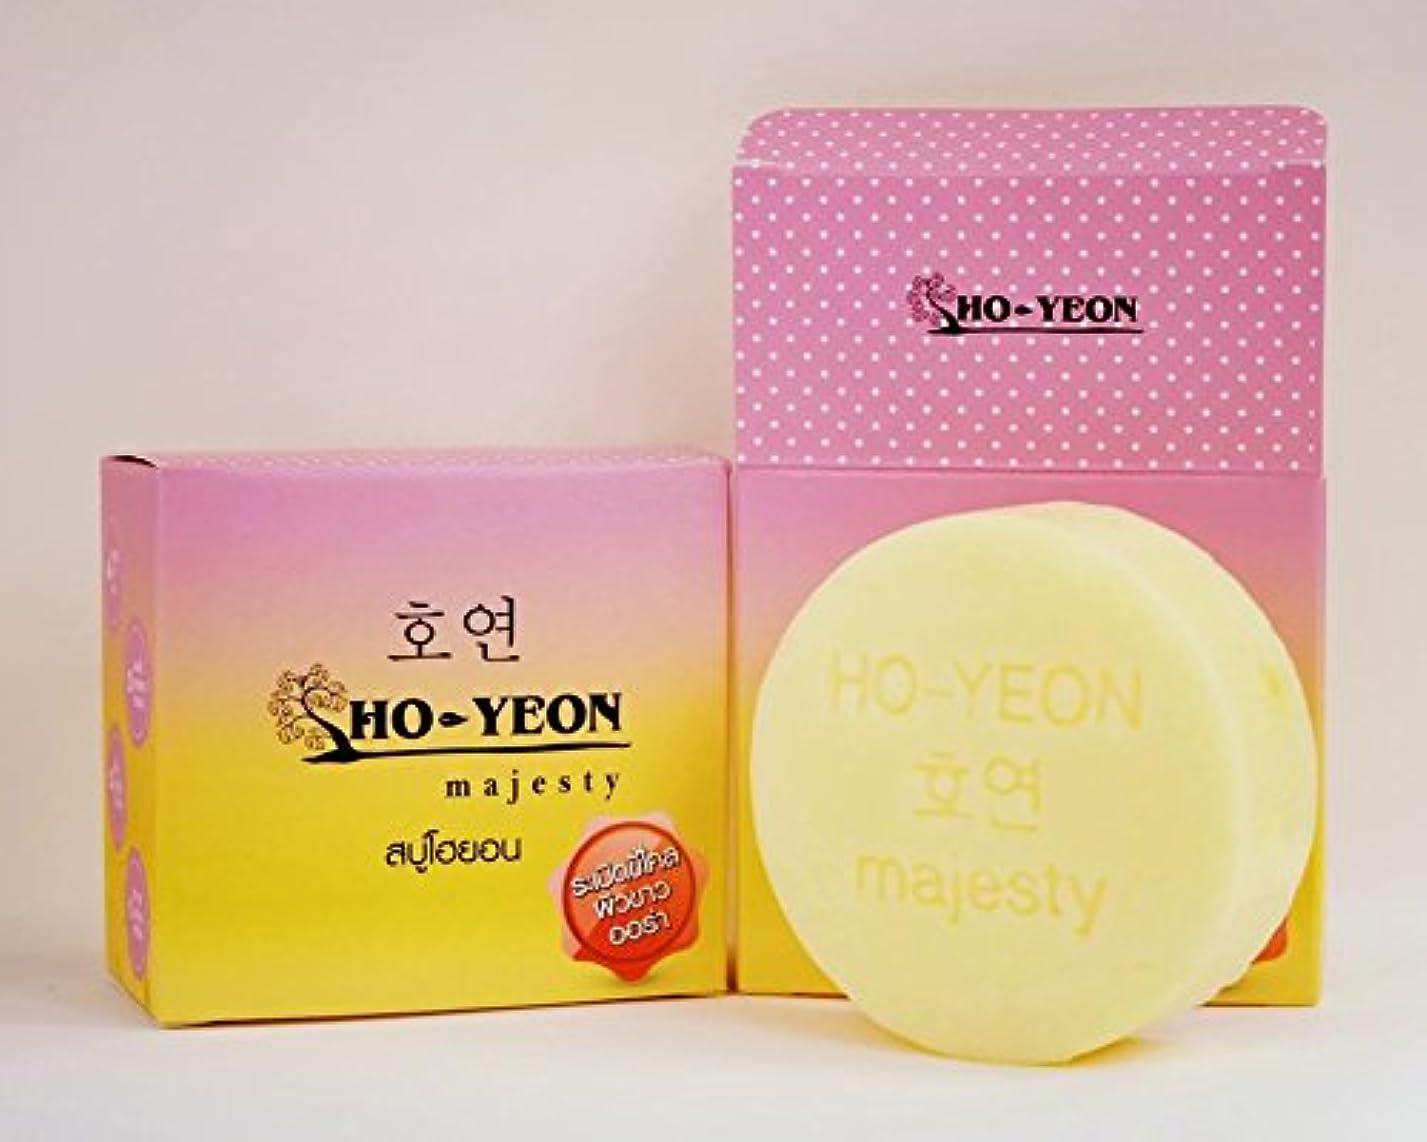 本気太陽小道具1 X Natural Herbal Whitening Soap. Soap Yeon Ho-yeon the HO (80 grams) Free shipping